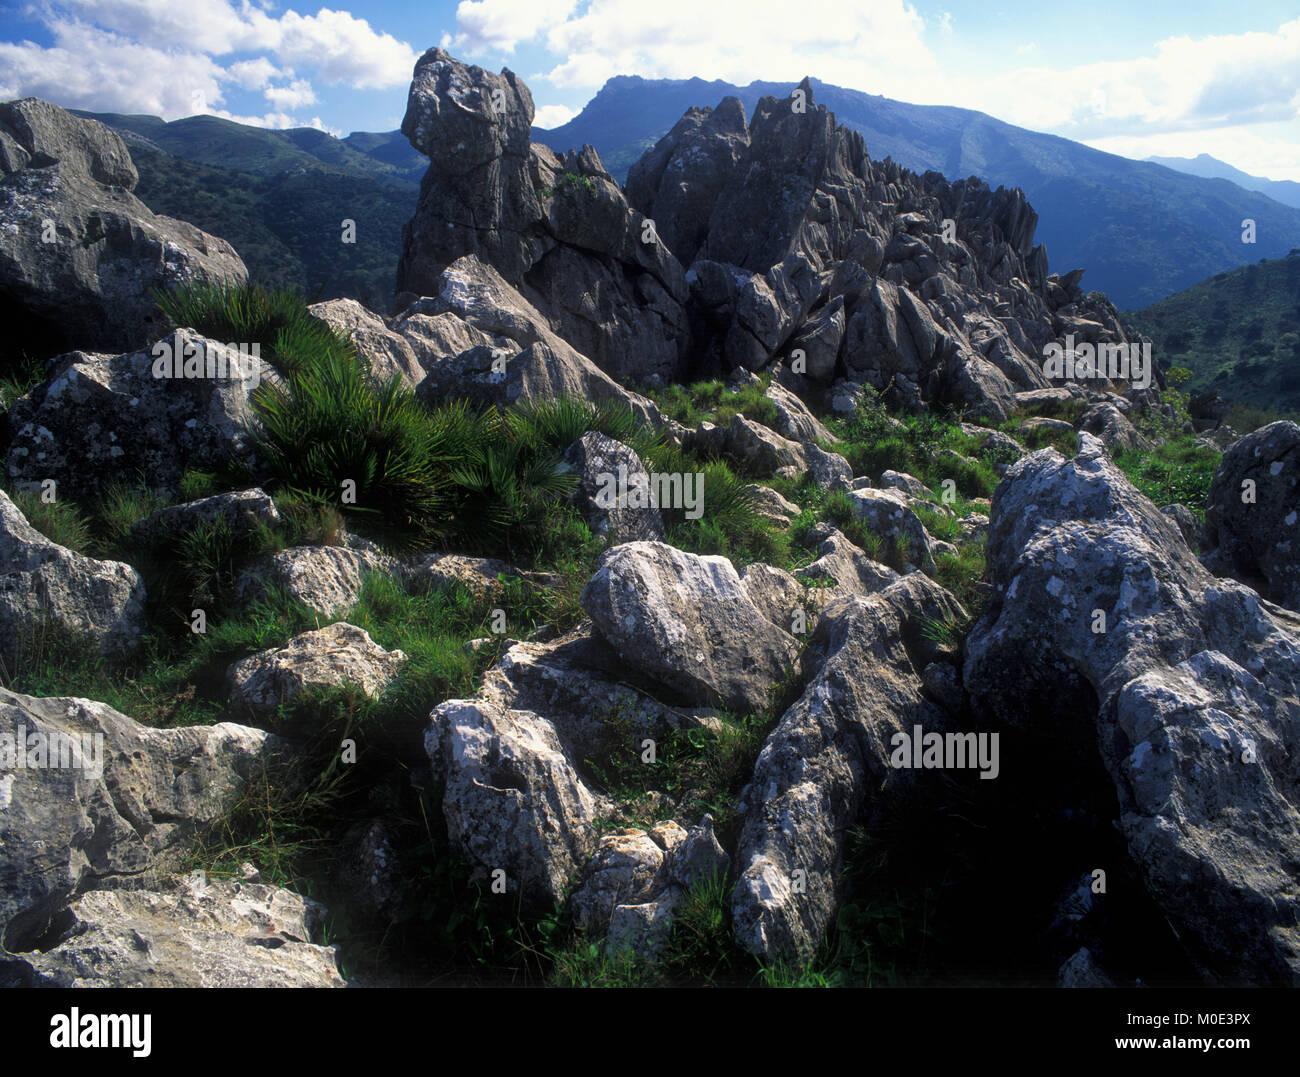 Libar, Serranía de Ronda, Málaga, Andalucia, Spain, Europe - Stock Image